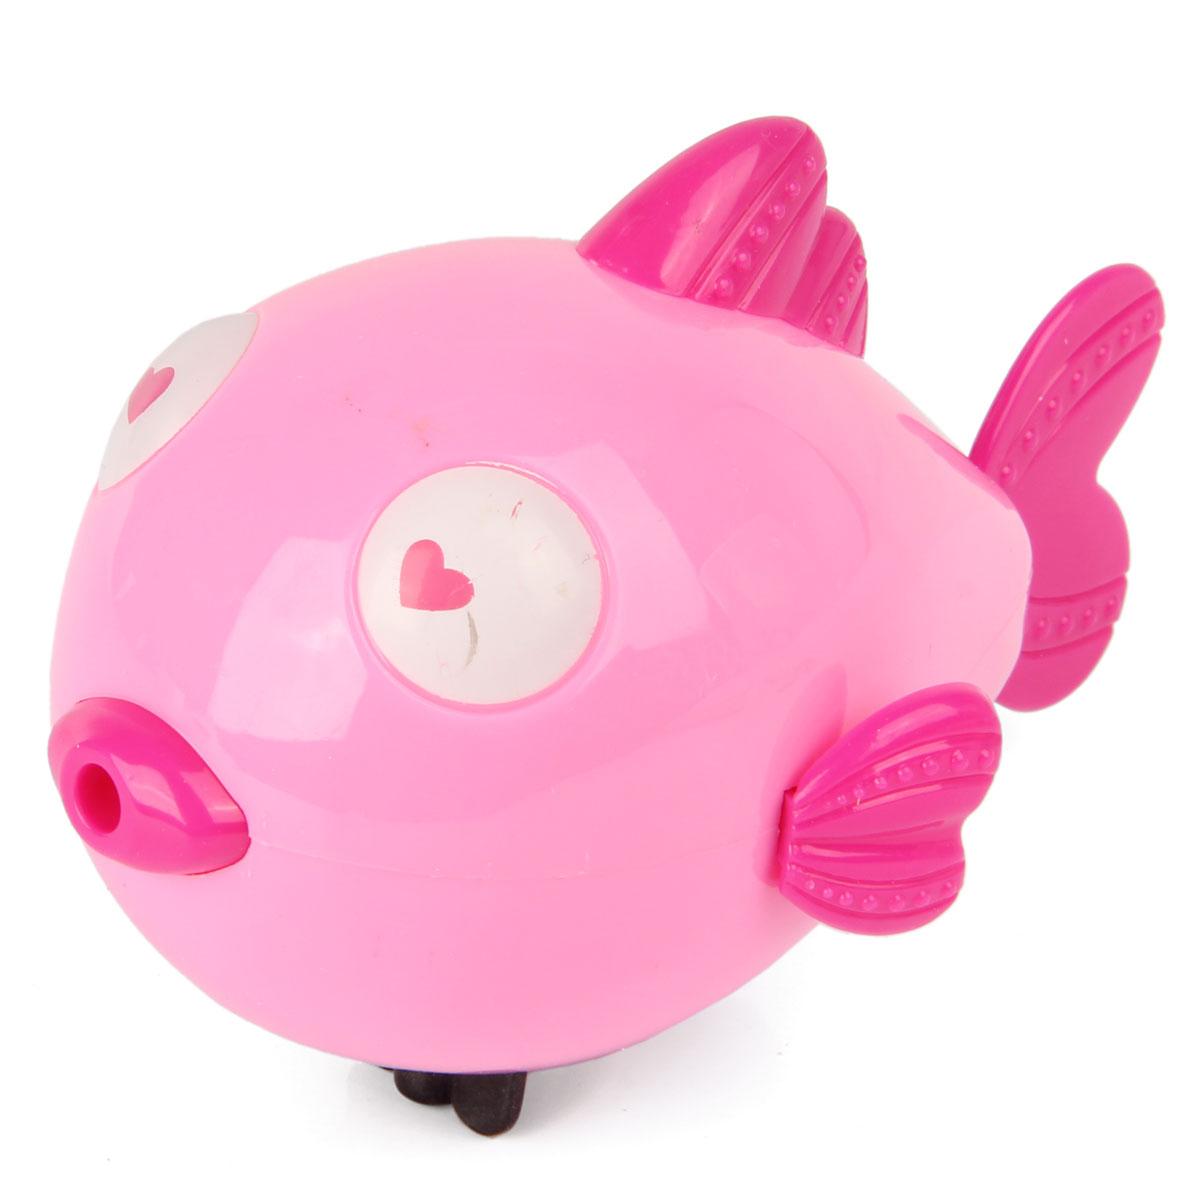 Игрушки для ванны Ути Пути Игрушка для ванны Ути Пути «Рыбка» заводная в асс. цена